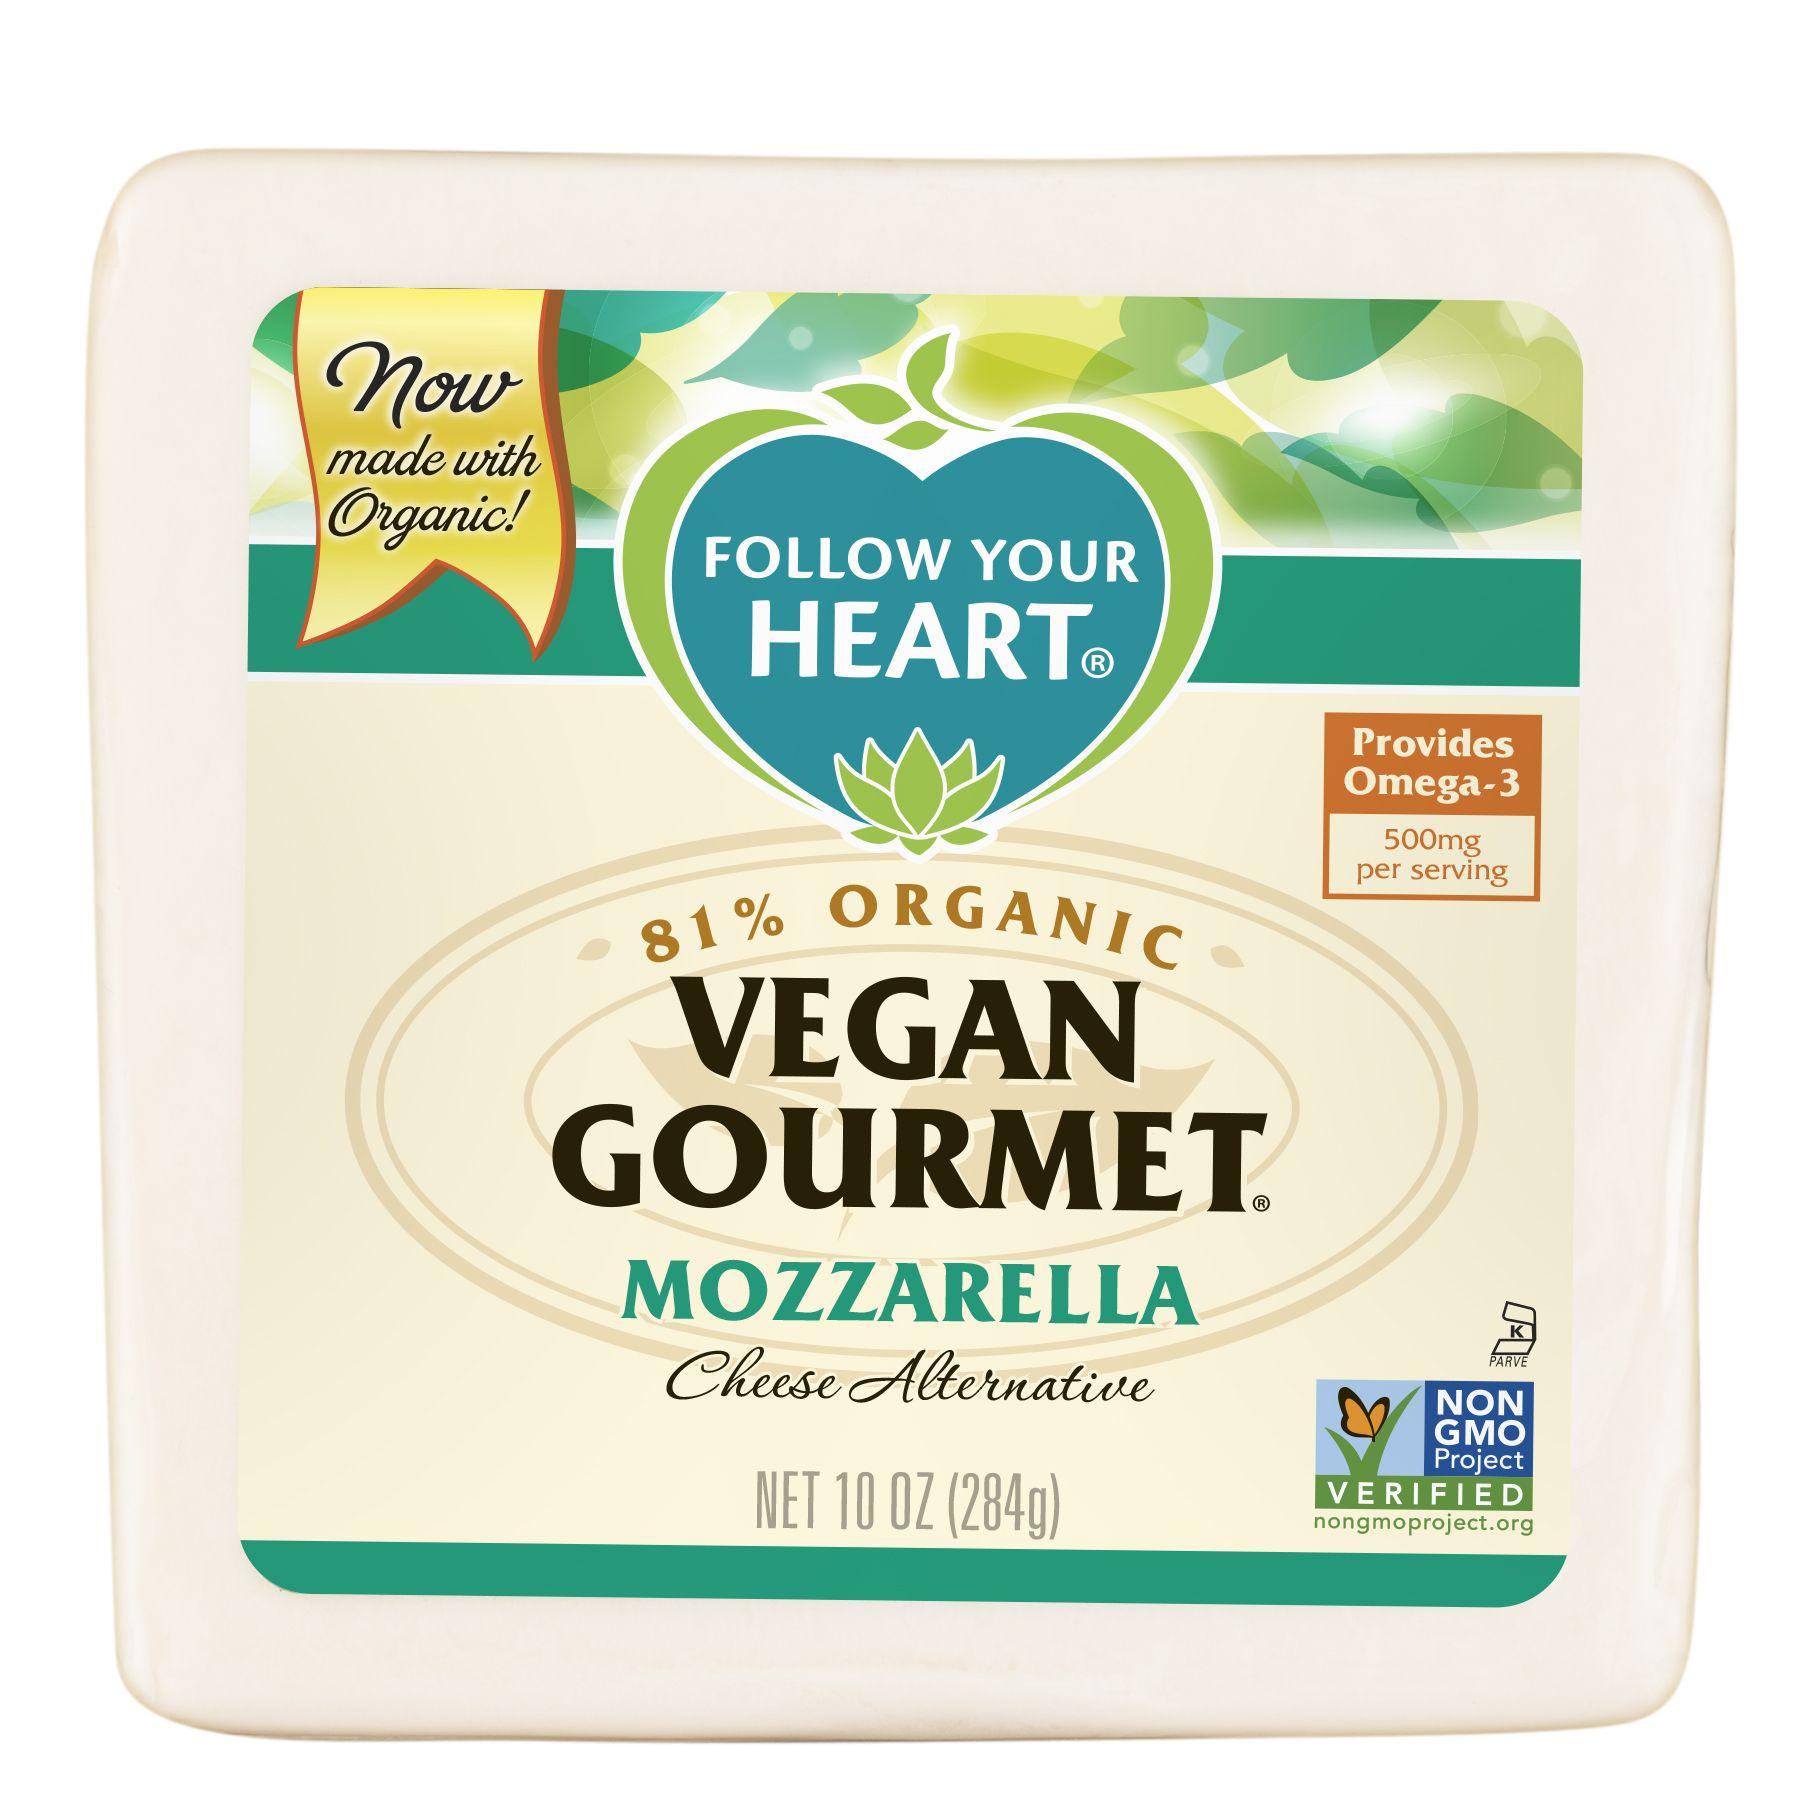 Mozzarella 81 Organic Cheese Alternatives Vegan Mozzarella